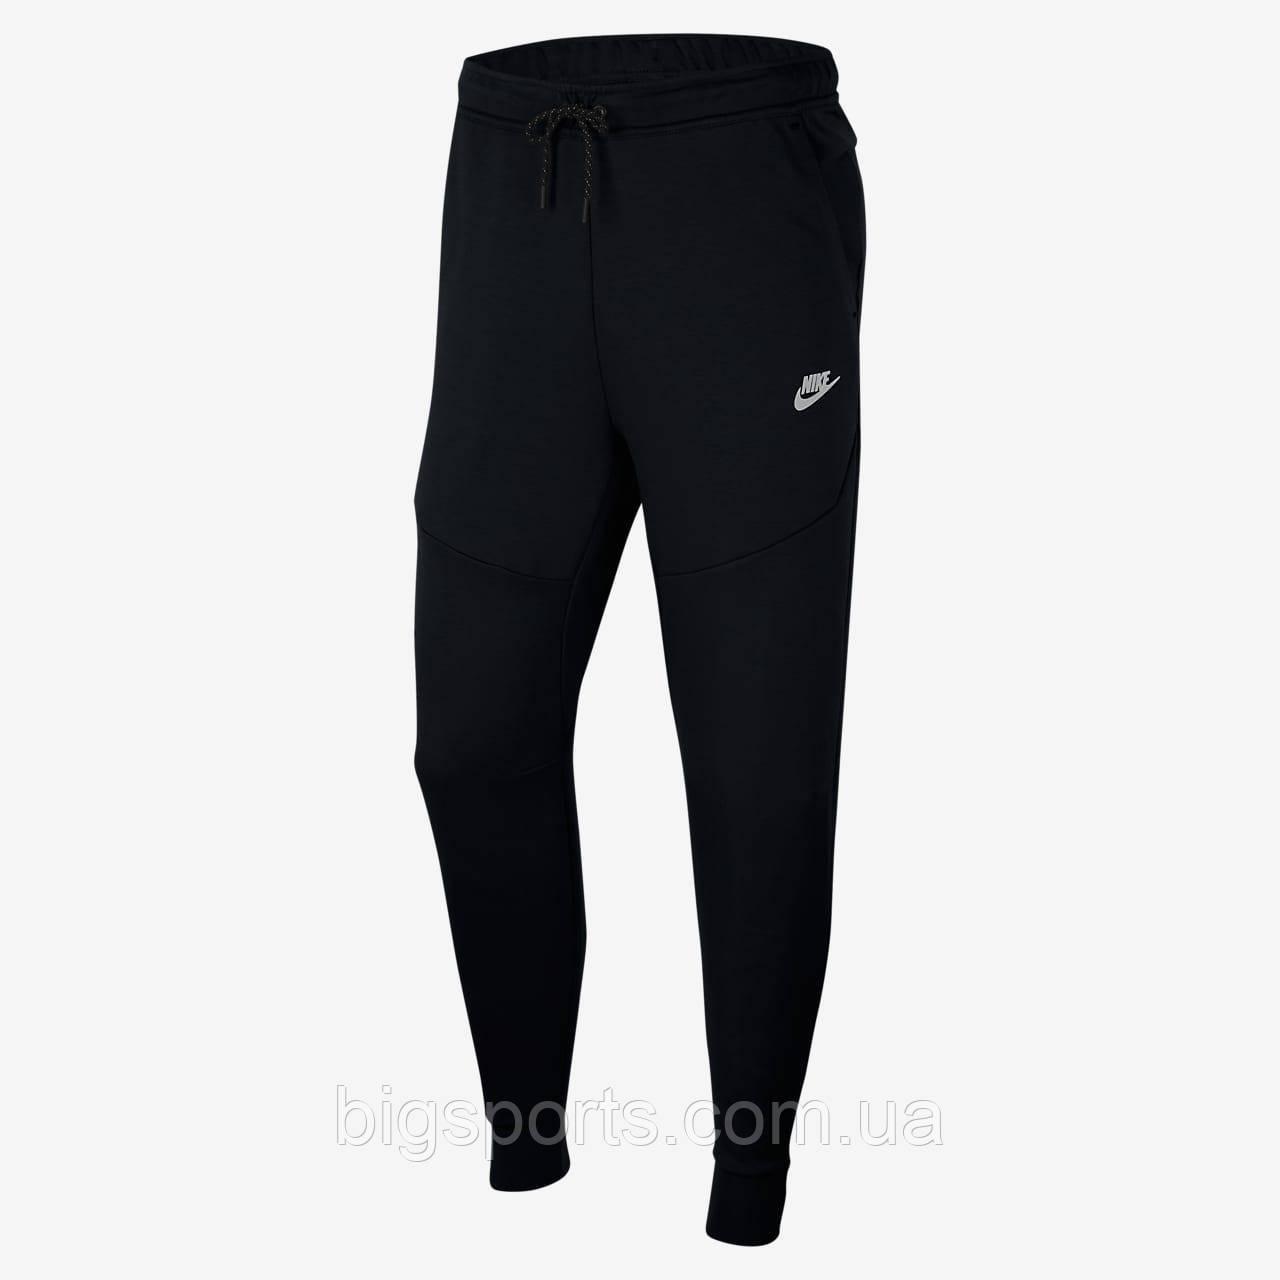 Штаны муж. Nike M Nsw Tch Flc Jggr (арт. CU4495-011)